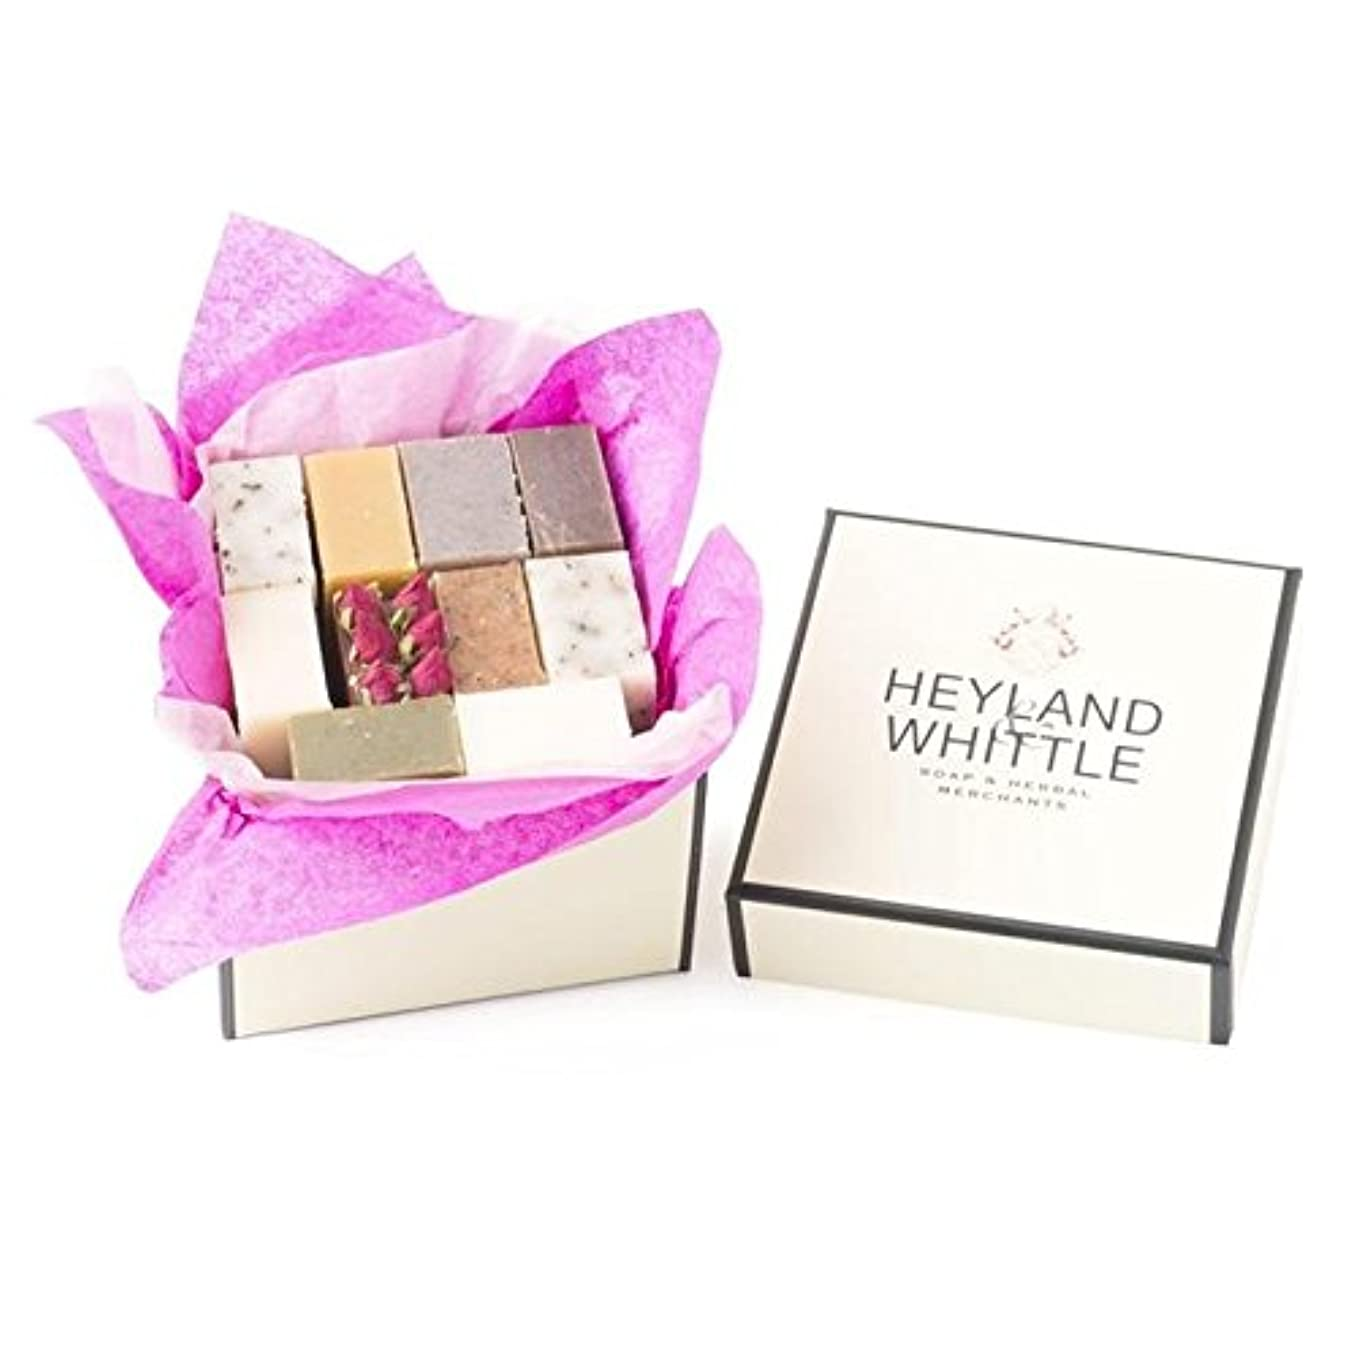 永久良さ怪しいHeyland & Whittle Soap Gift Box, Small - 小さな&削るソープギフトボックス、 [並行輸入品]